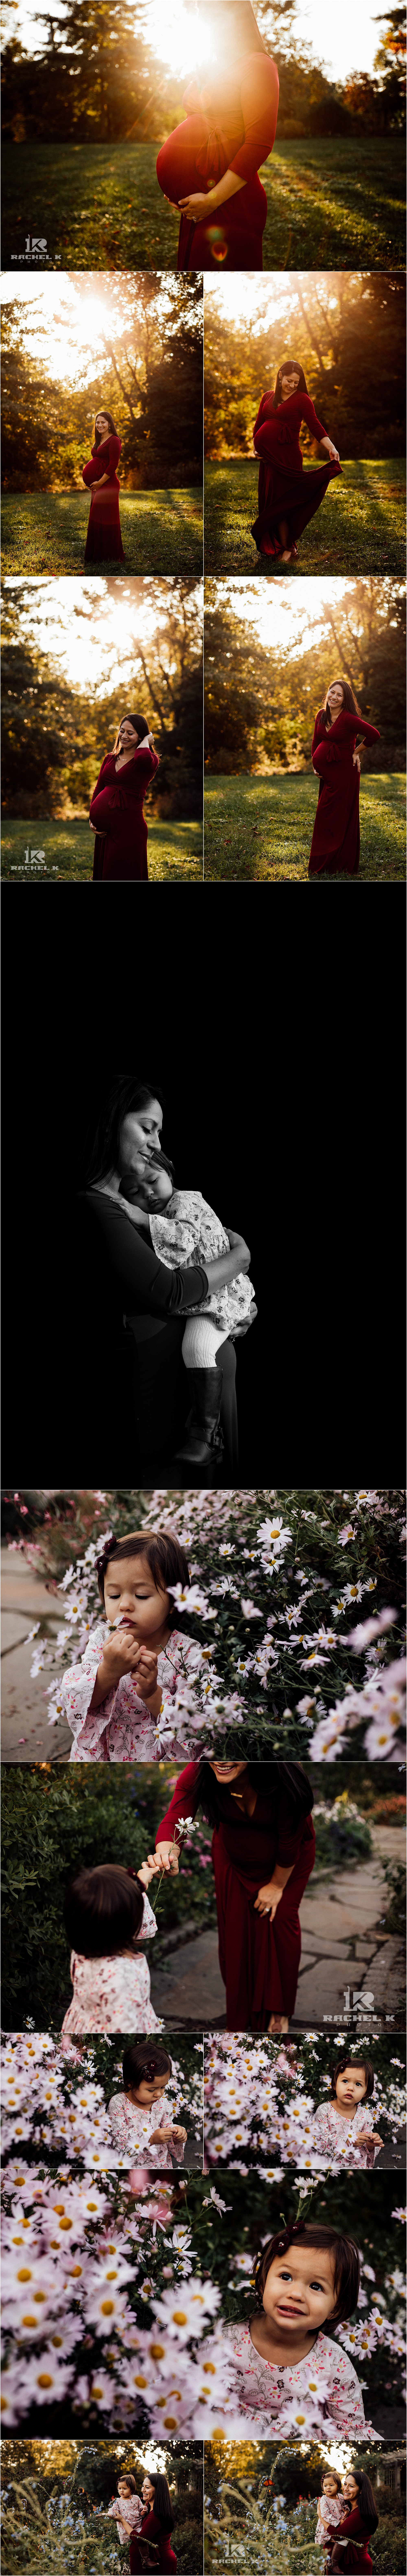 Fairfax Virginia maternity session by Rachel K Photo